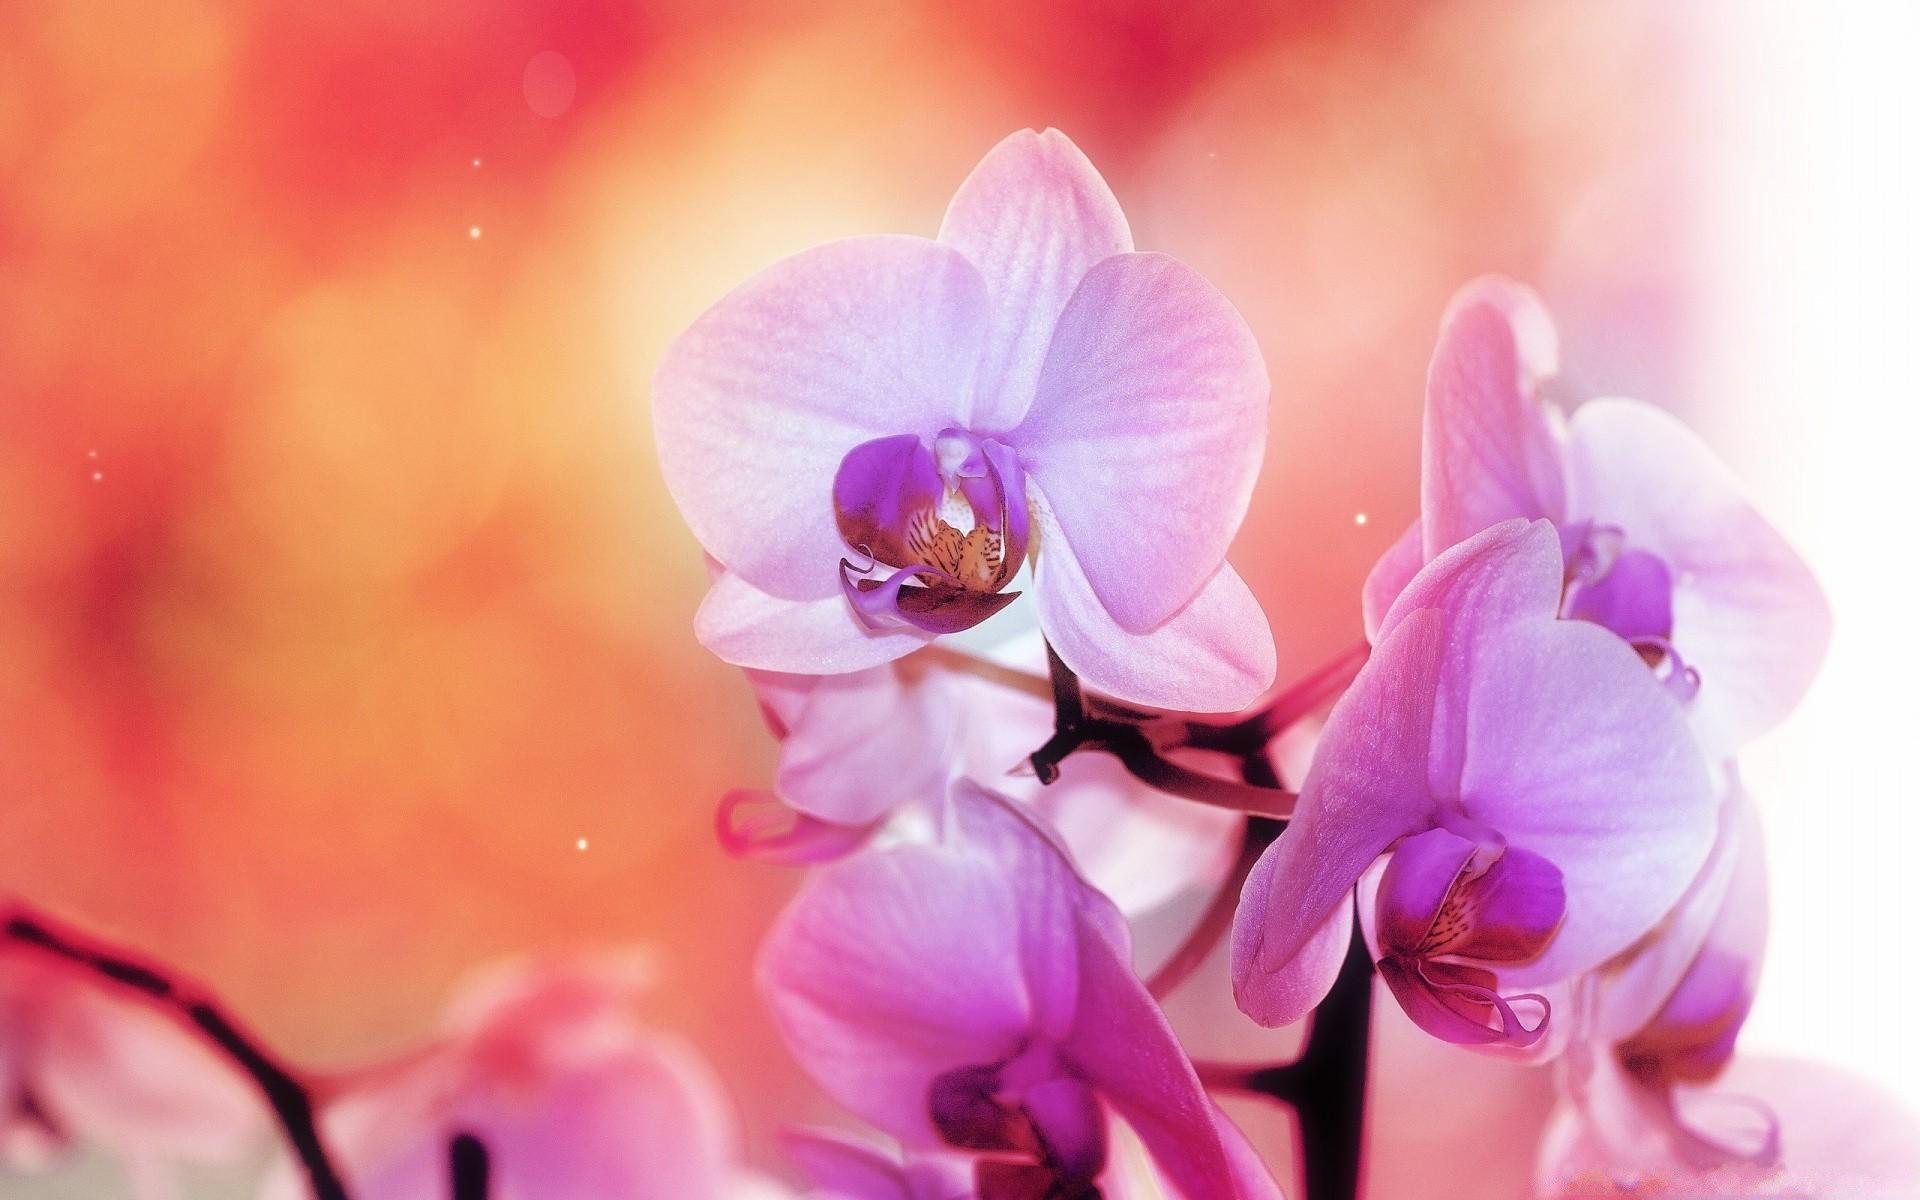 знаю, какую картинки орхидеи с большим разрешением прогнозы обязательно